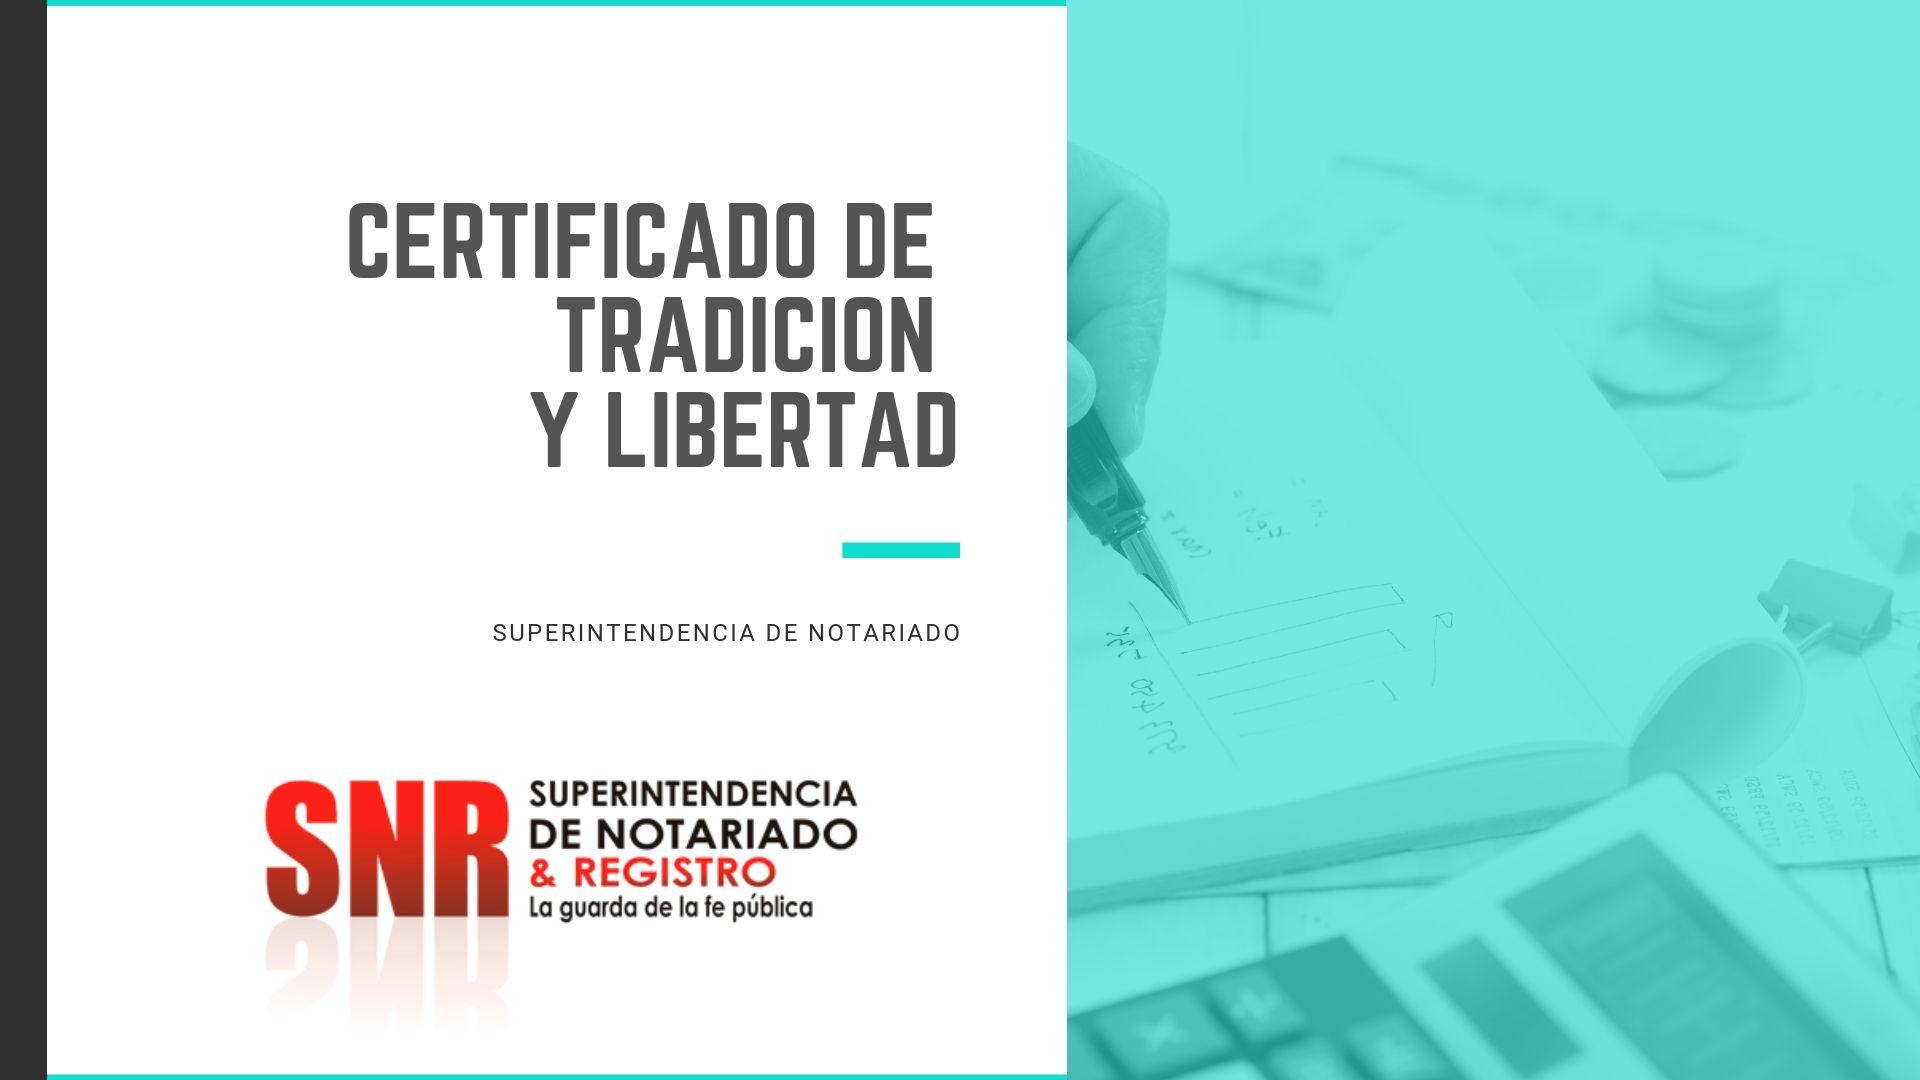 como sacar el certificado de libertad por internet